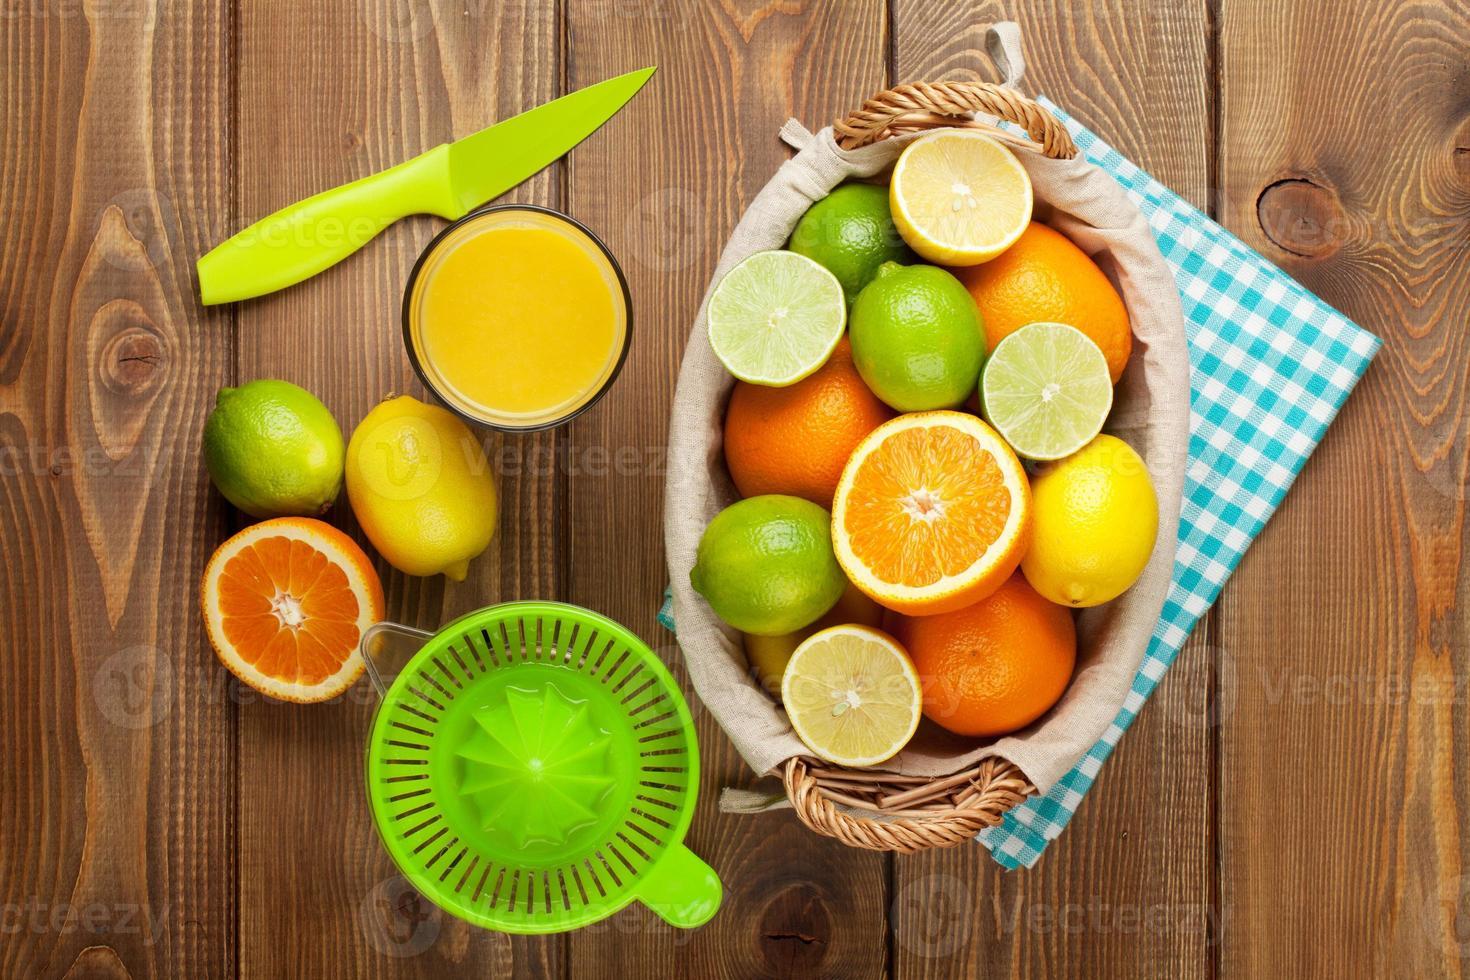 cítricos y vaso de jugo. naranjas, limas y limones foto